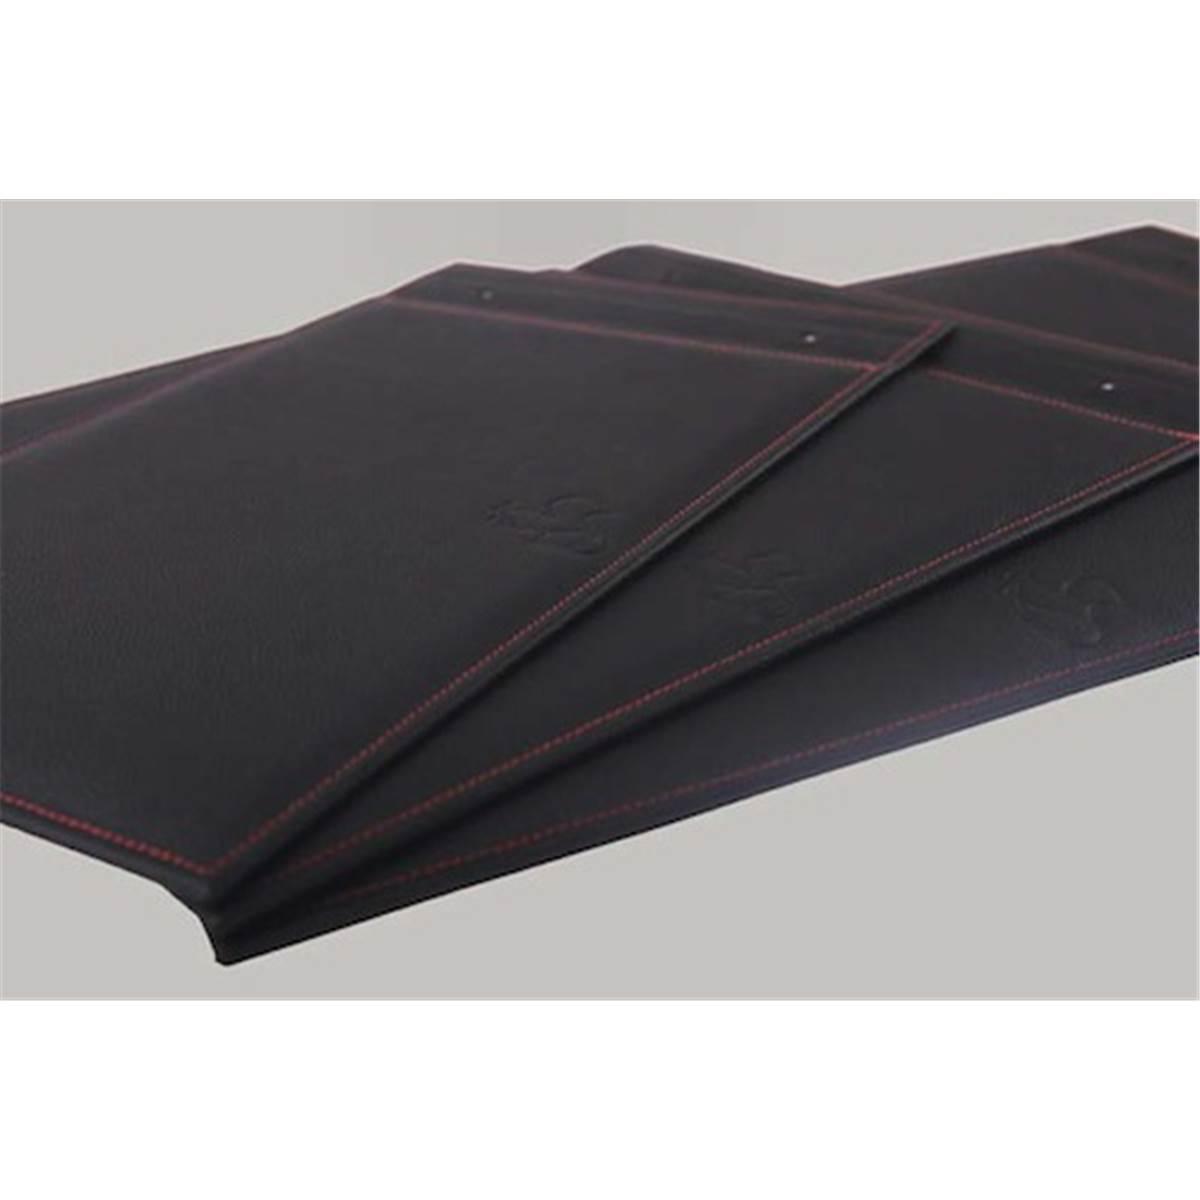 hahnem hle album photo cuir noir couture rouge a3 prophot. Black Bedroom Furniture Sets. Home Design Ideas